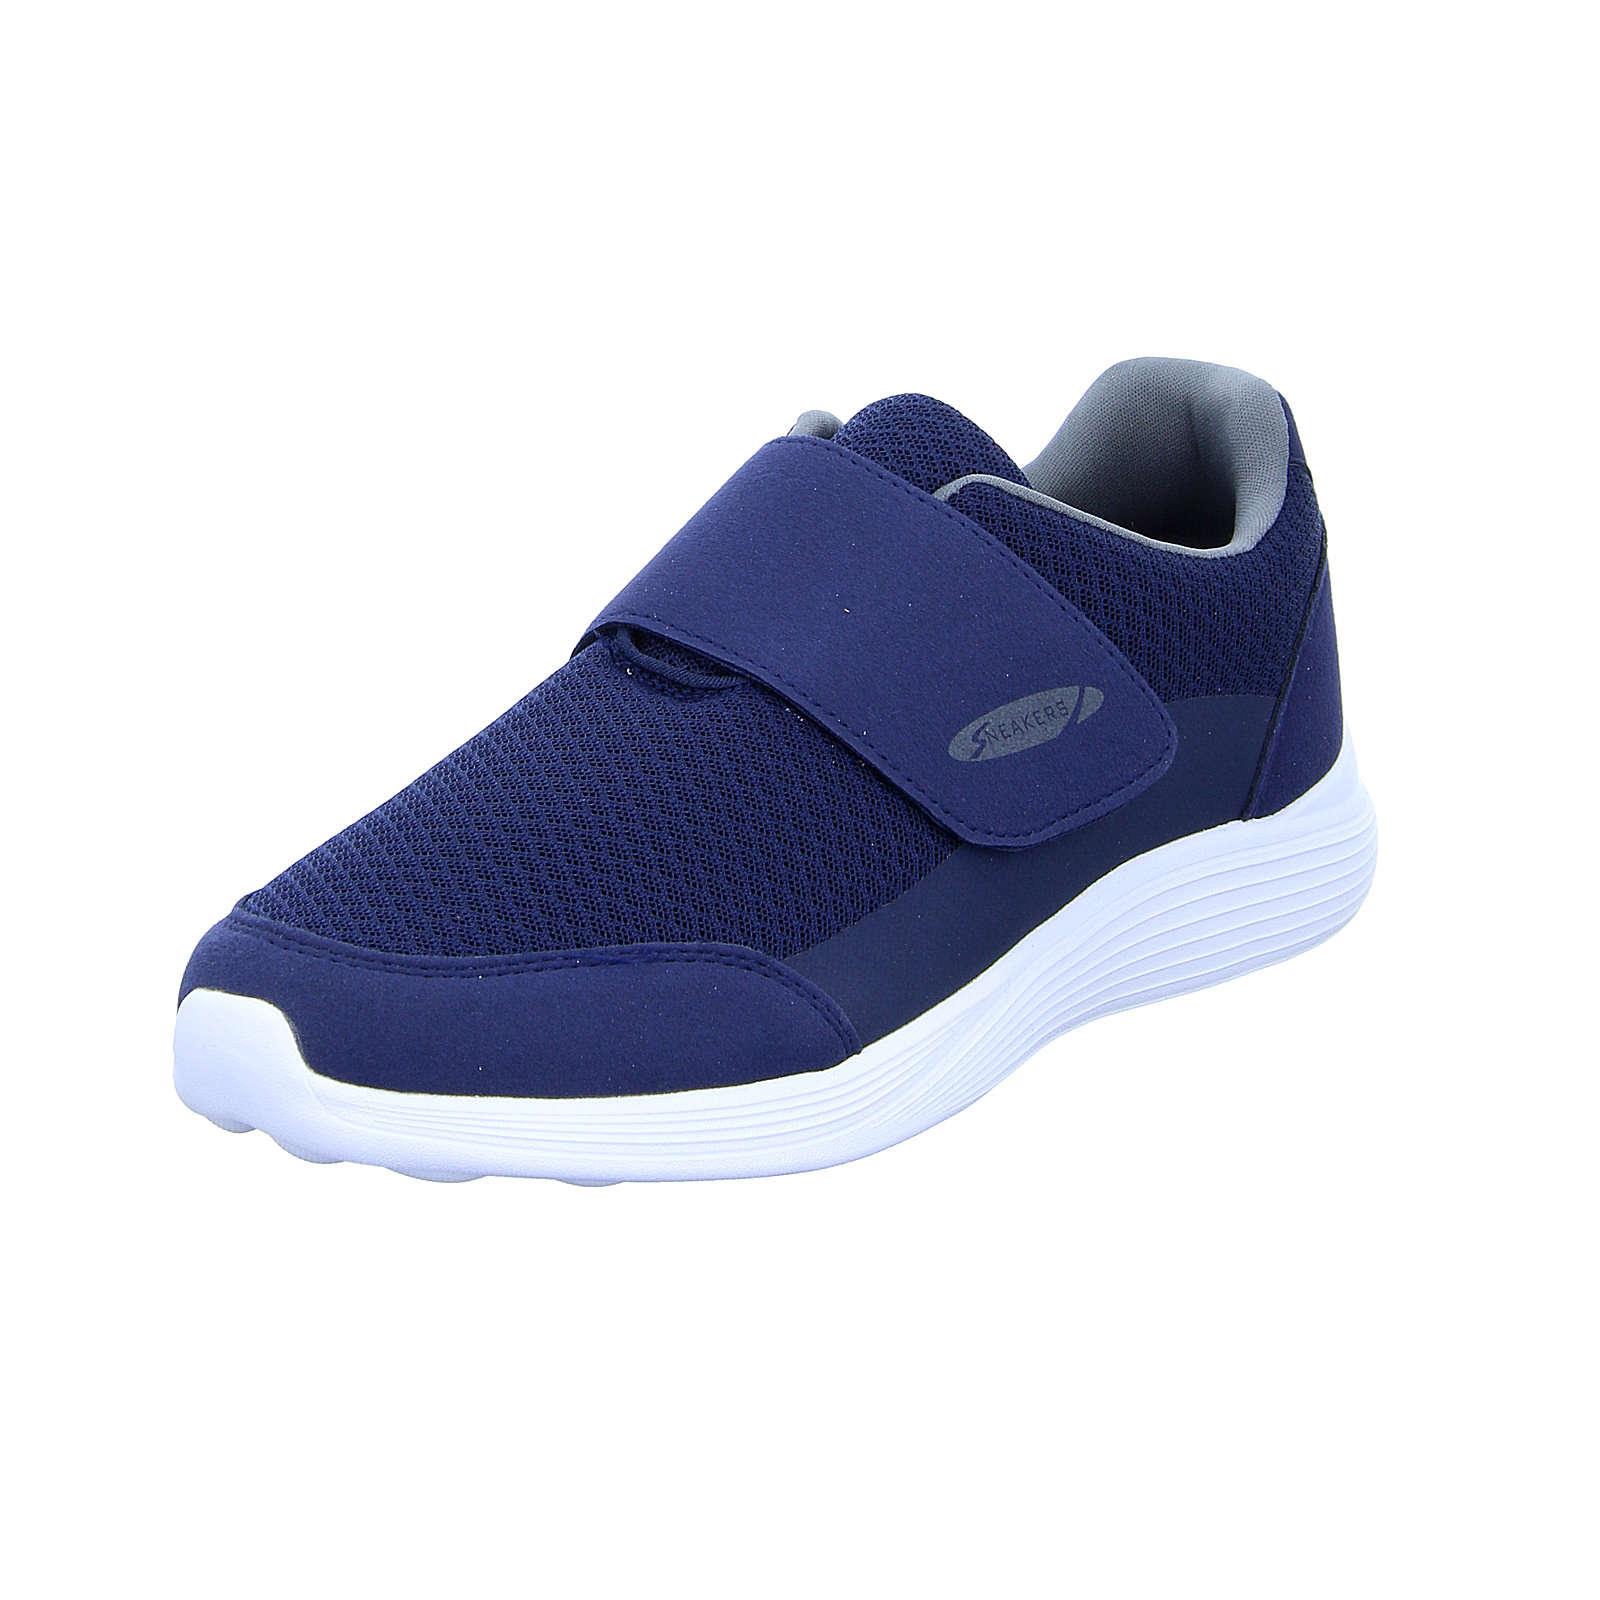 Image of 17-0782-BK Sneakers Low blau Herren Gr. 41